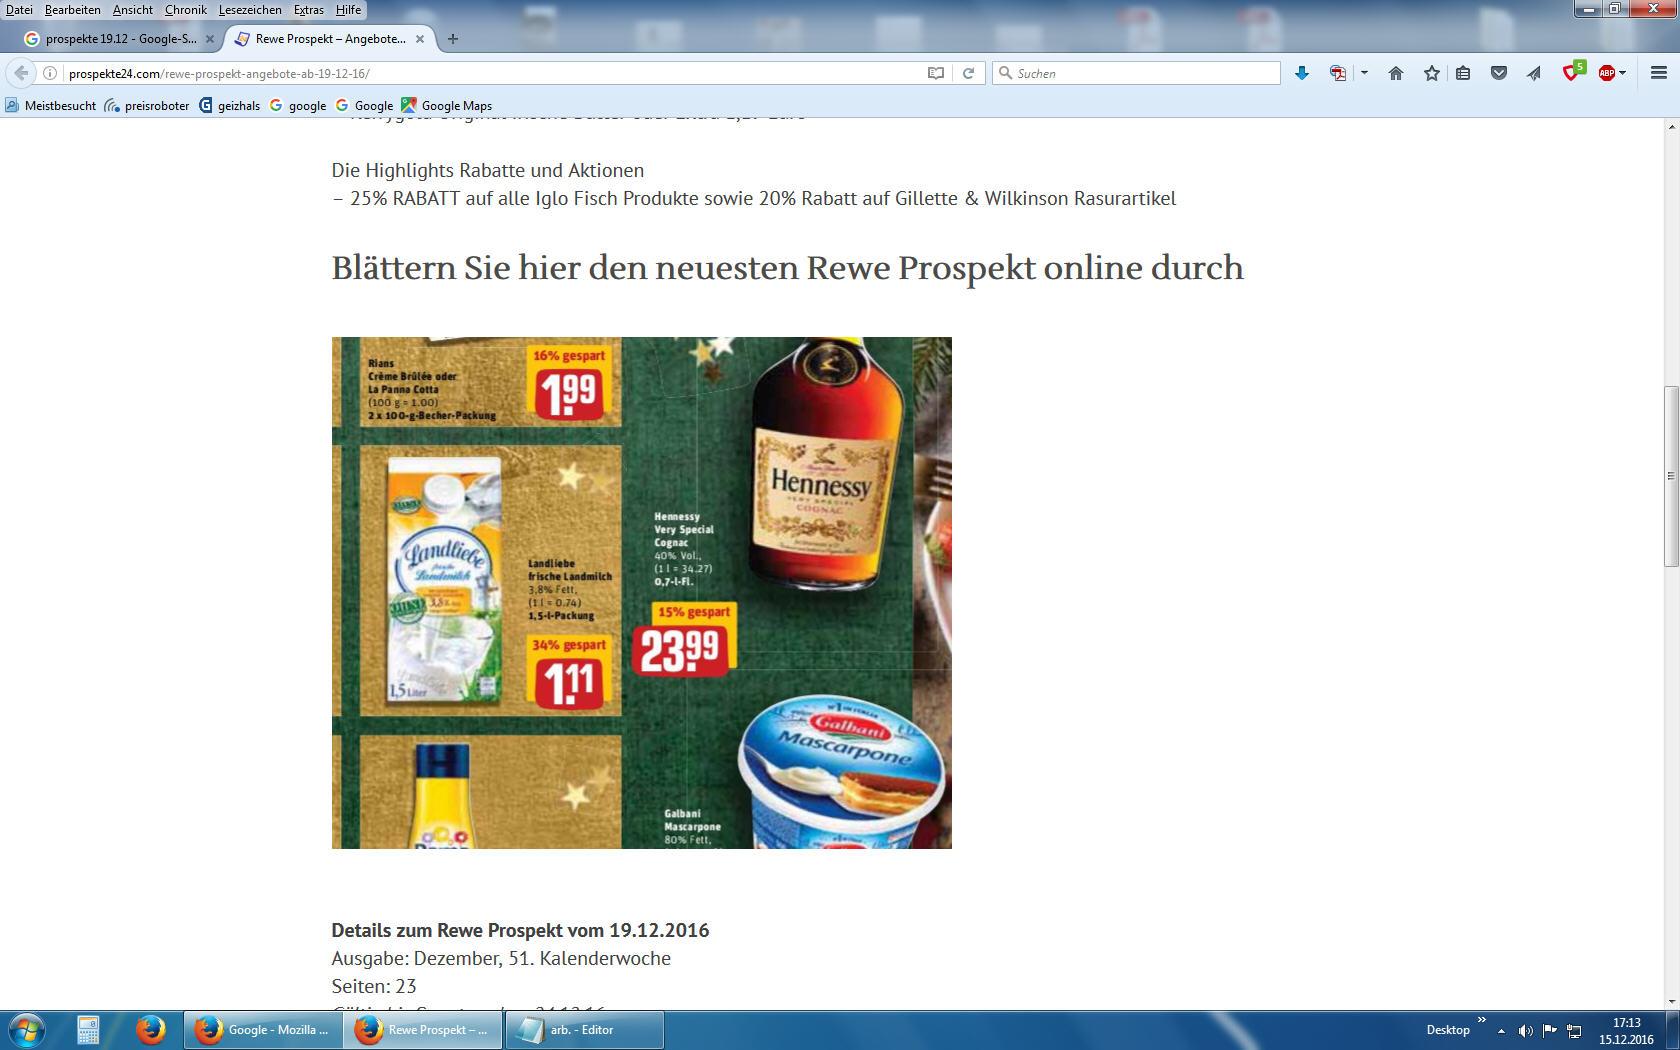 REWE - 1,5 L Landliebe frische Landmilch bei 12 x mit Coupon ~ 1 L 0,64 Euro